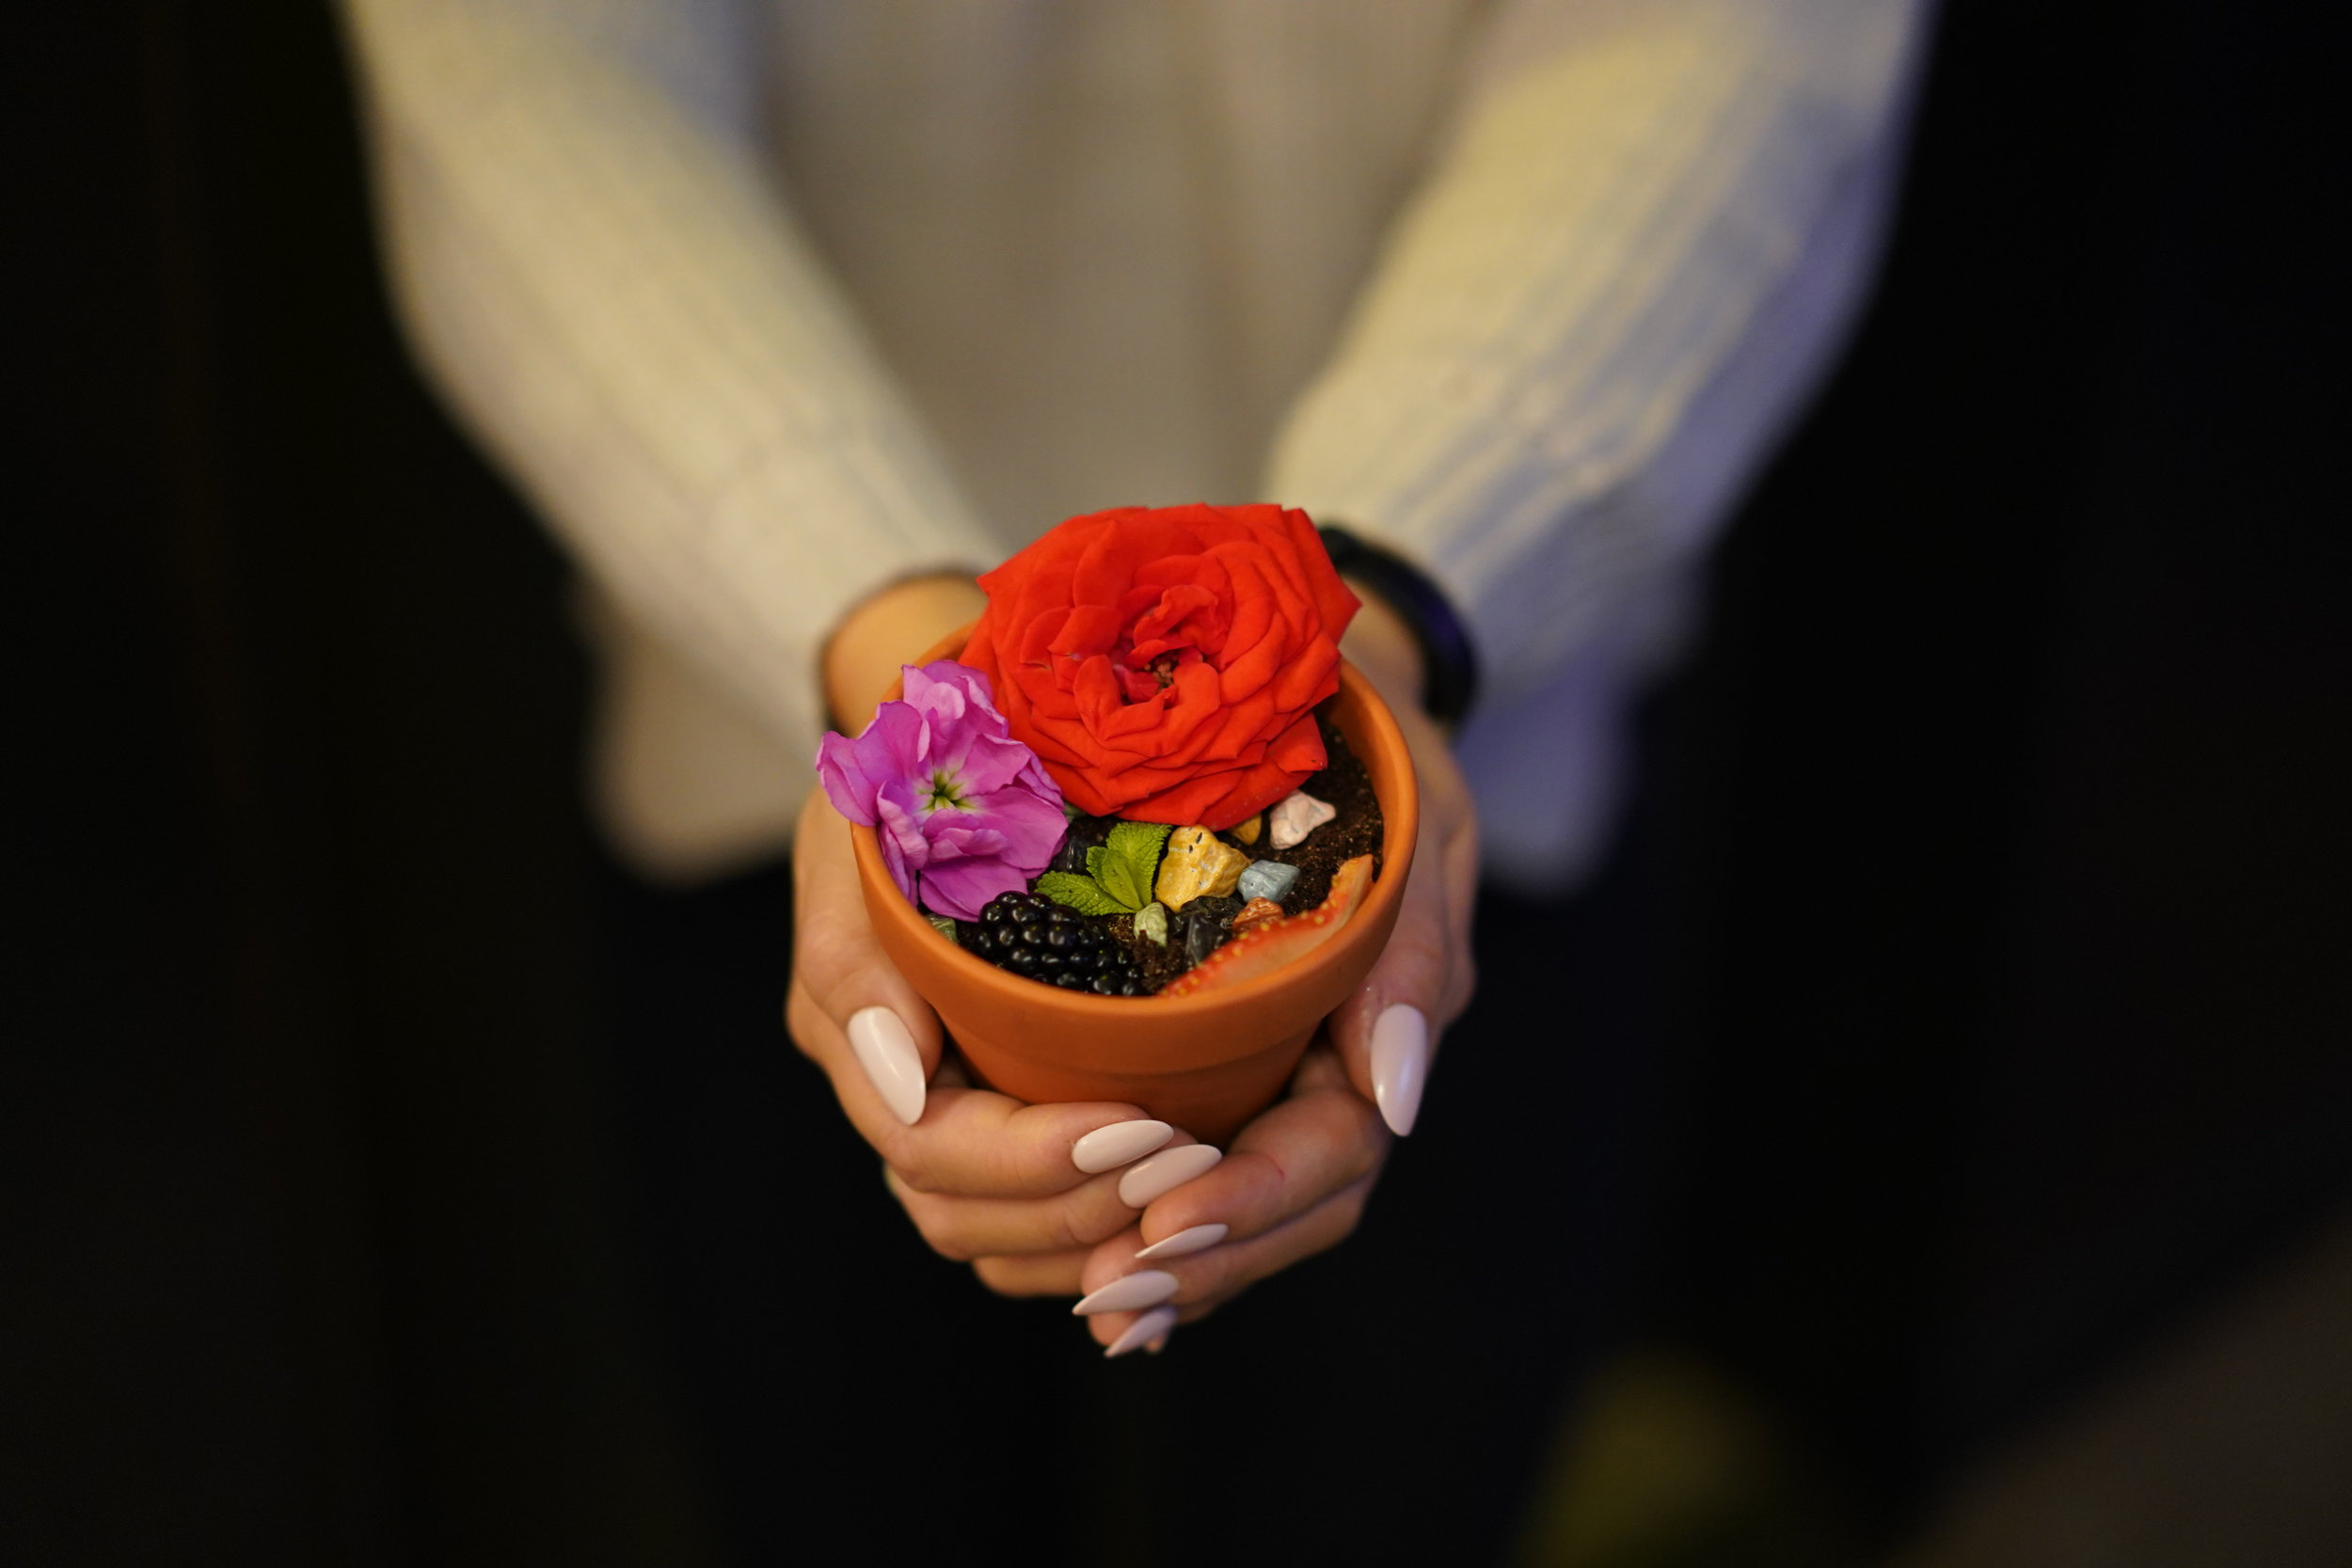 edible flower pot dessert carlotta bar toronto queen west